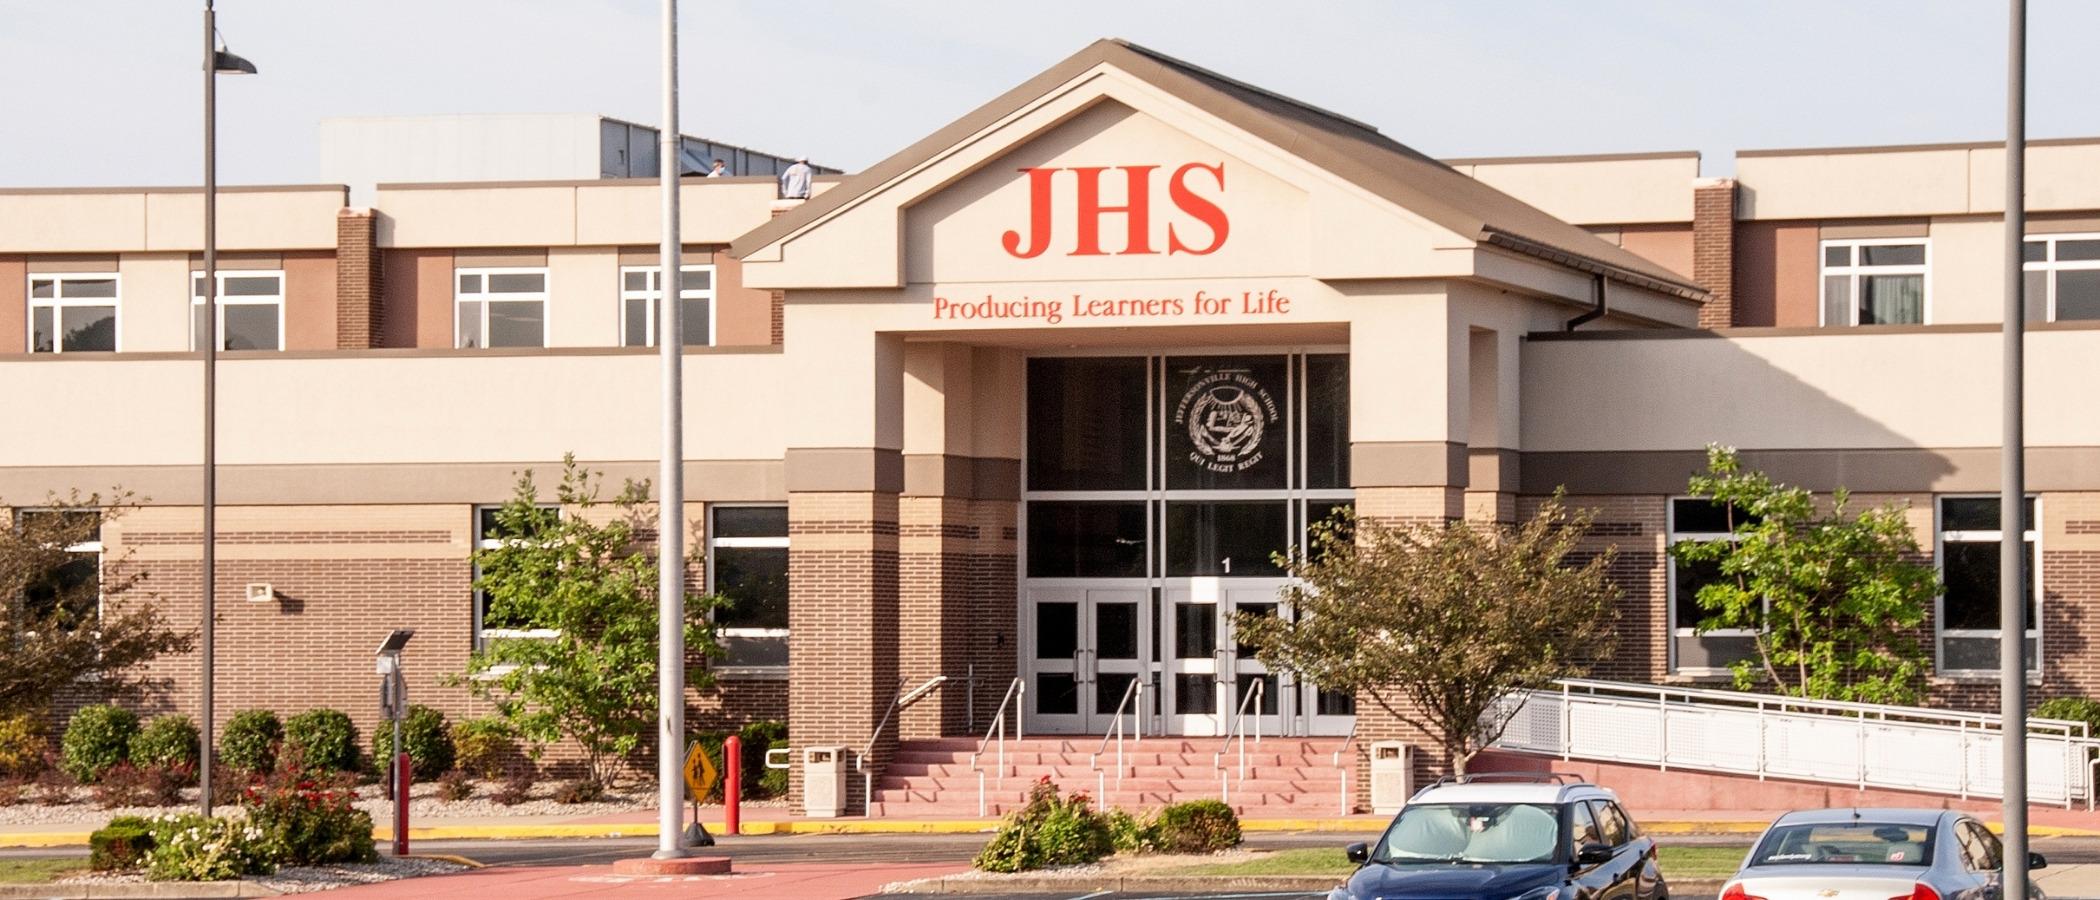 JHS School Front